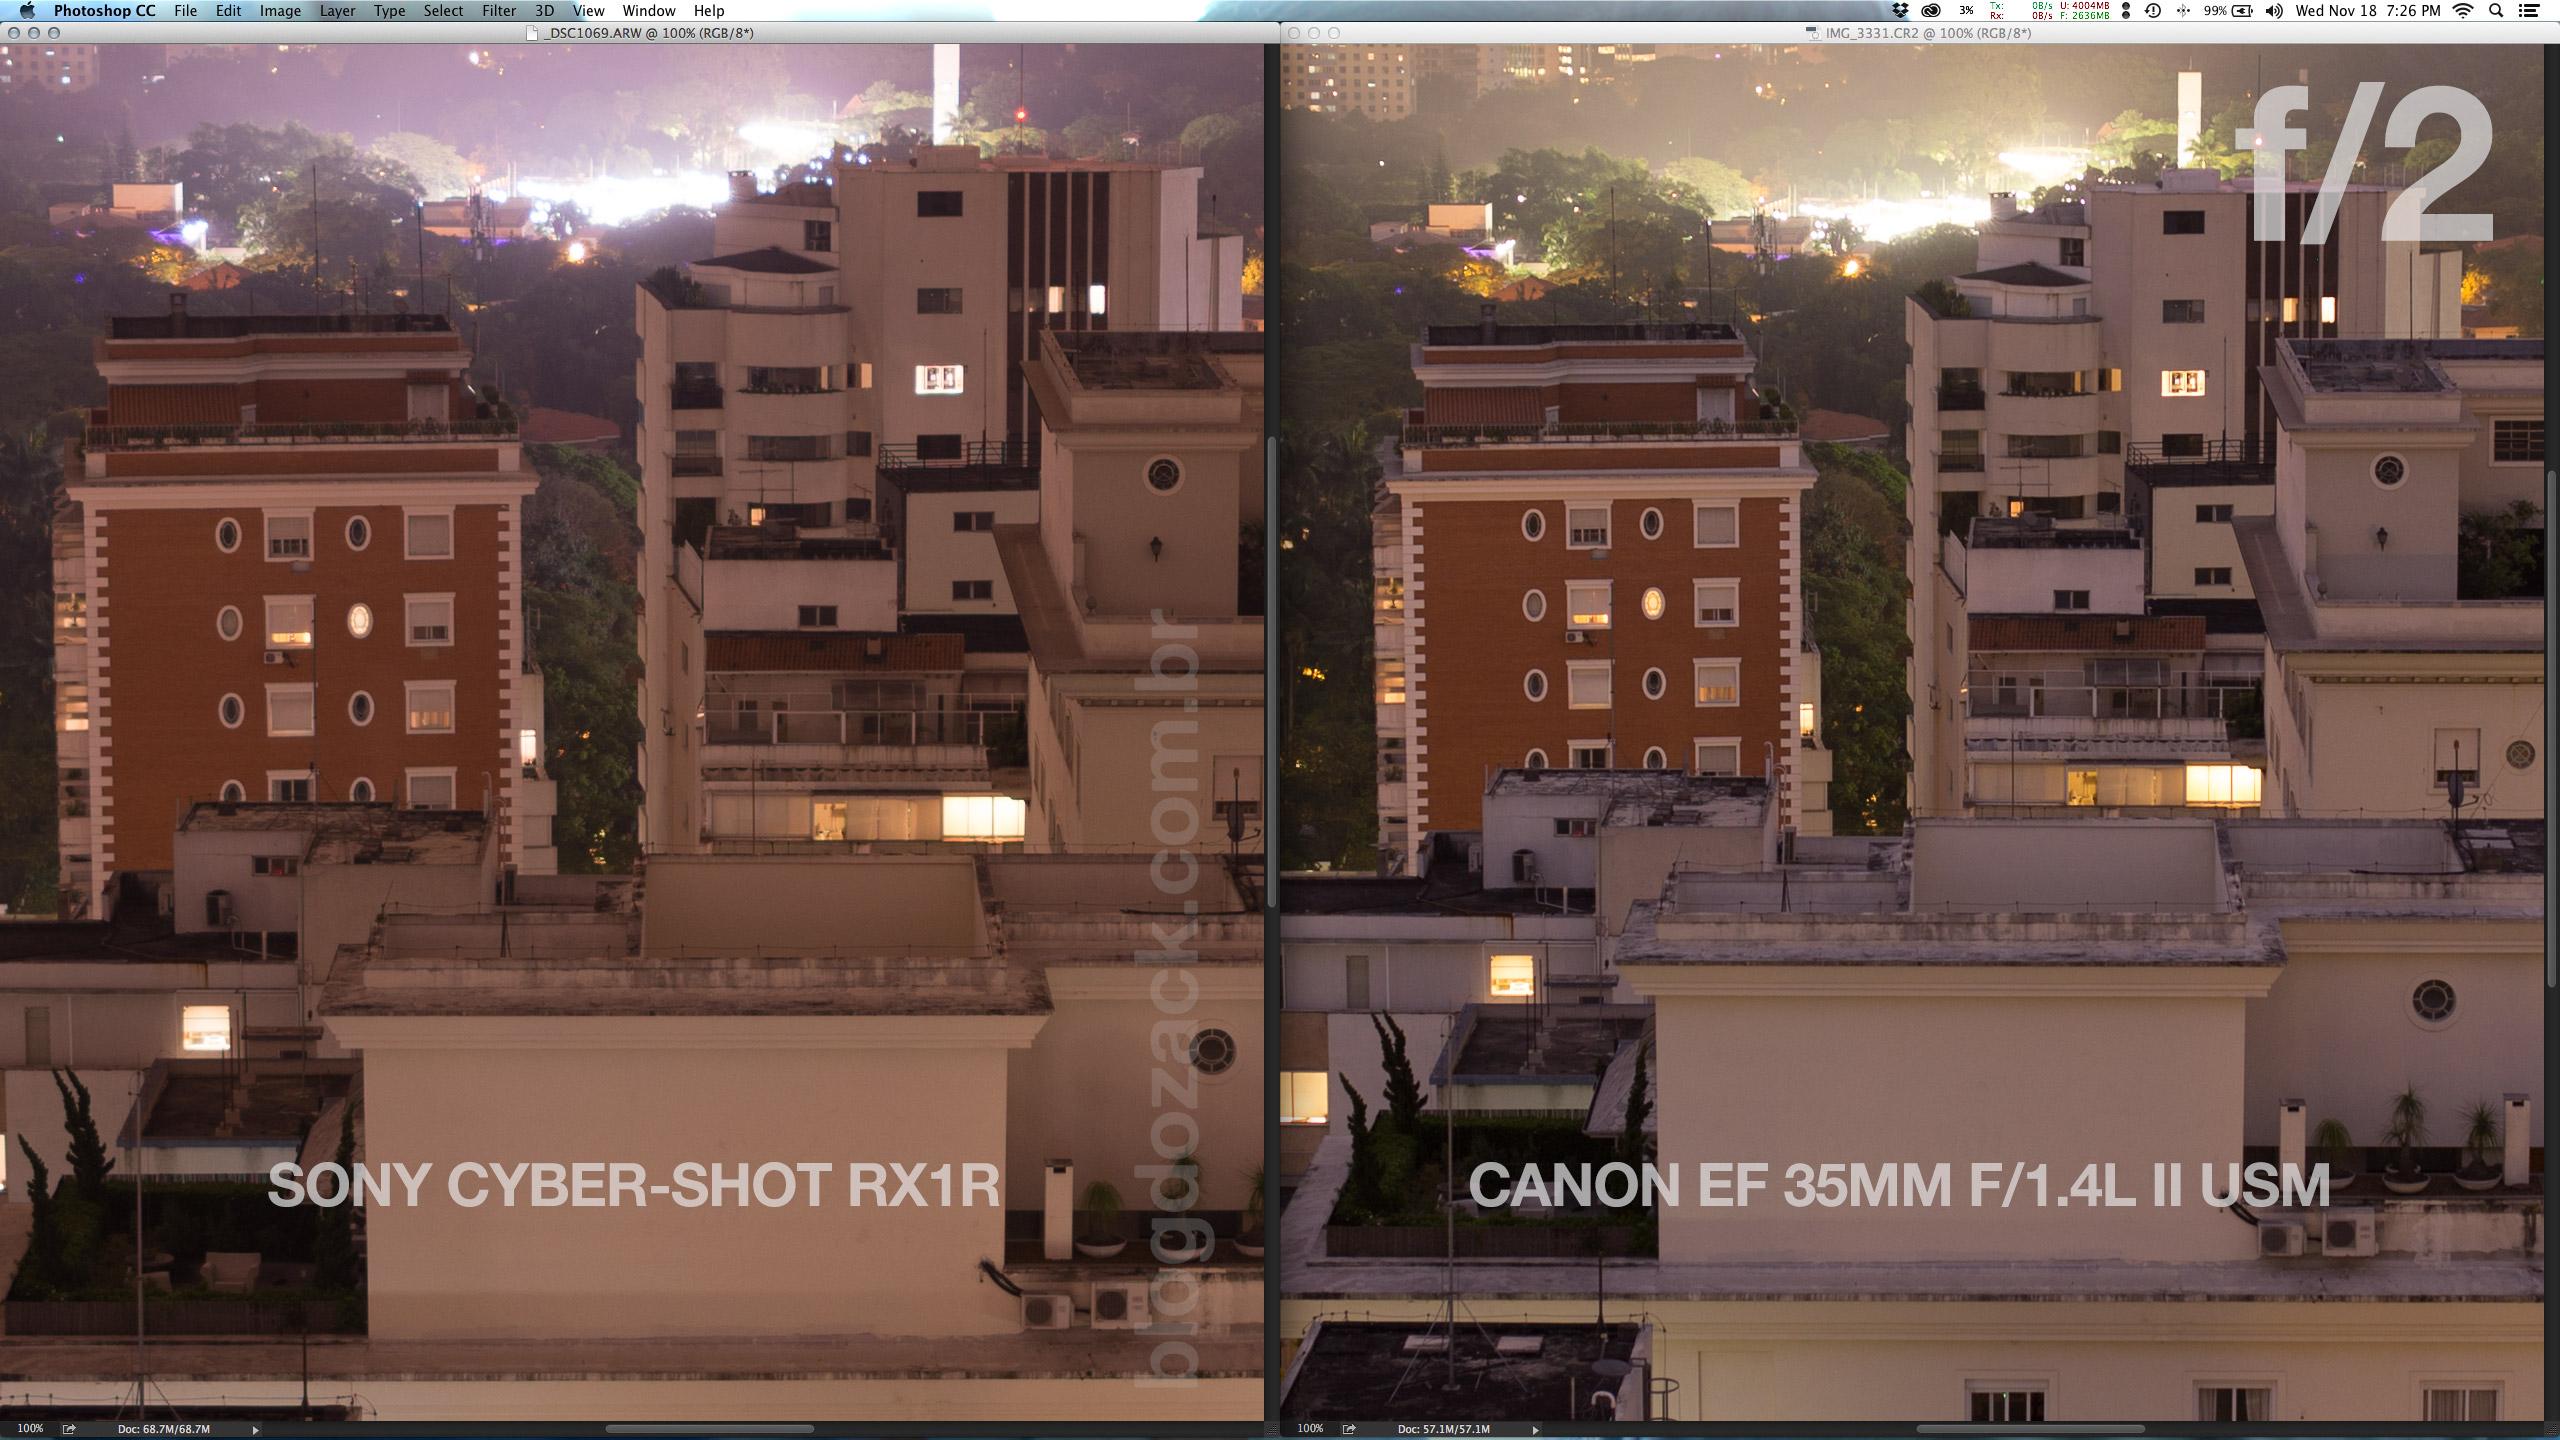 Por estar totalmente aberta, a Sony até se segura bem na resolução e contraste do centro. Mas a Canon 1 stop fechada está muito na frente.